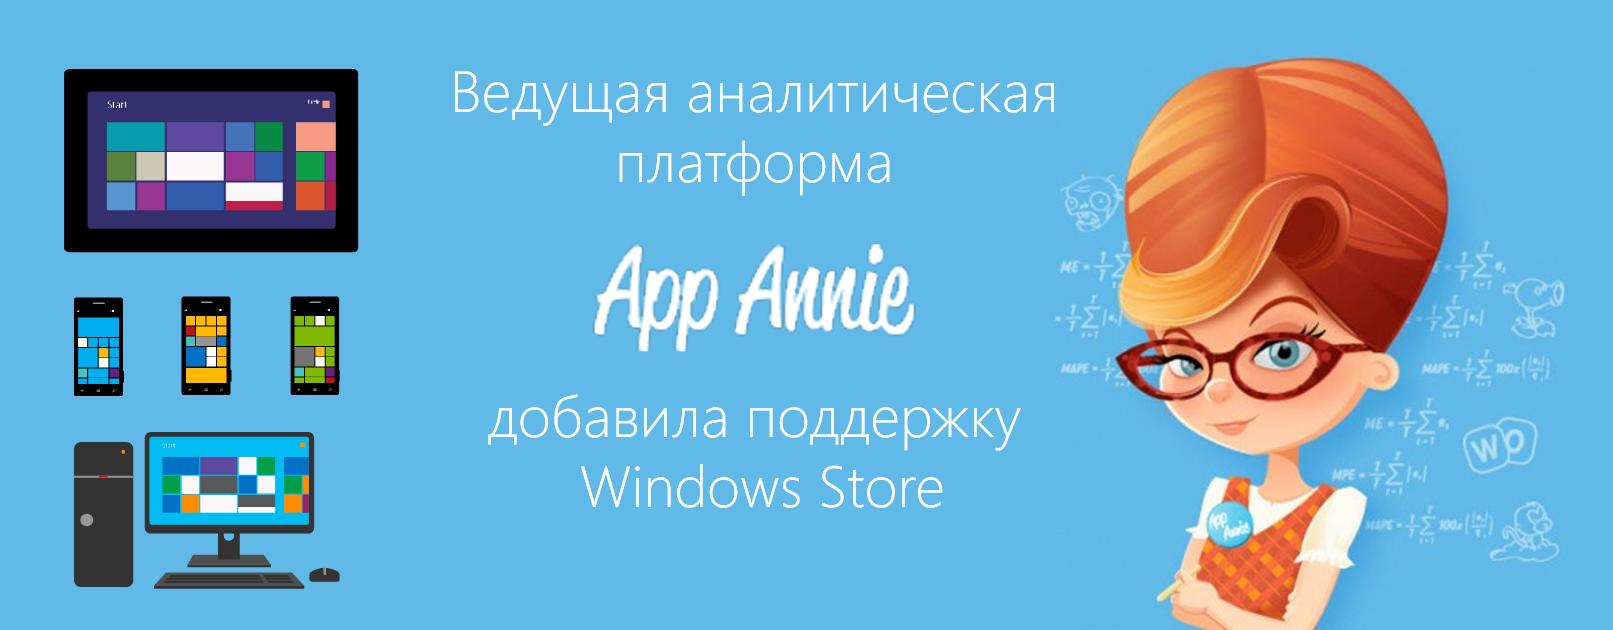 Обзор возможностей App Annie для Windows и Windows Phone разработчиков - 1